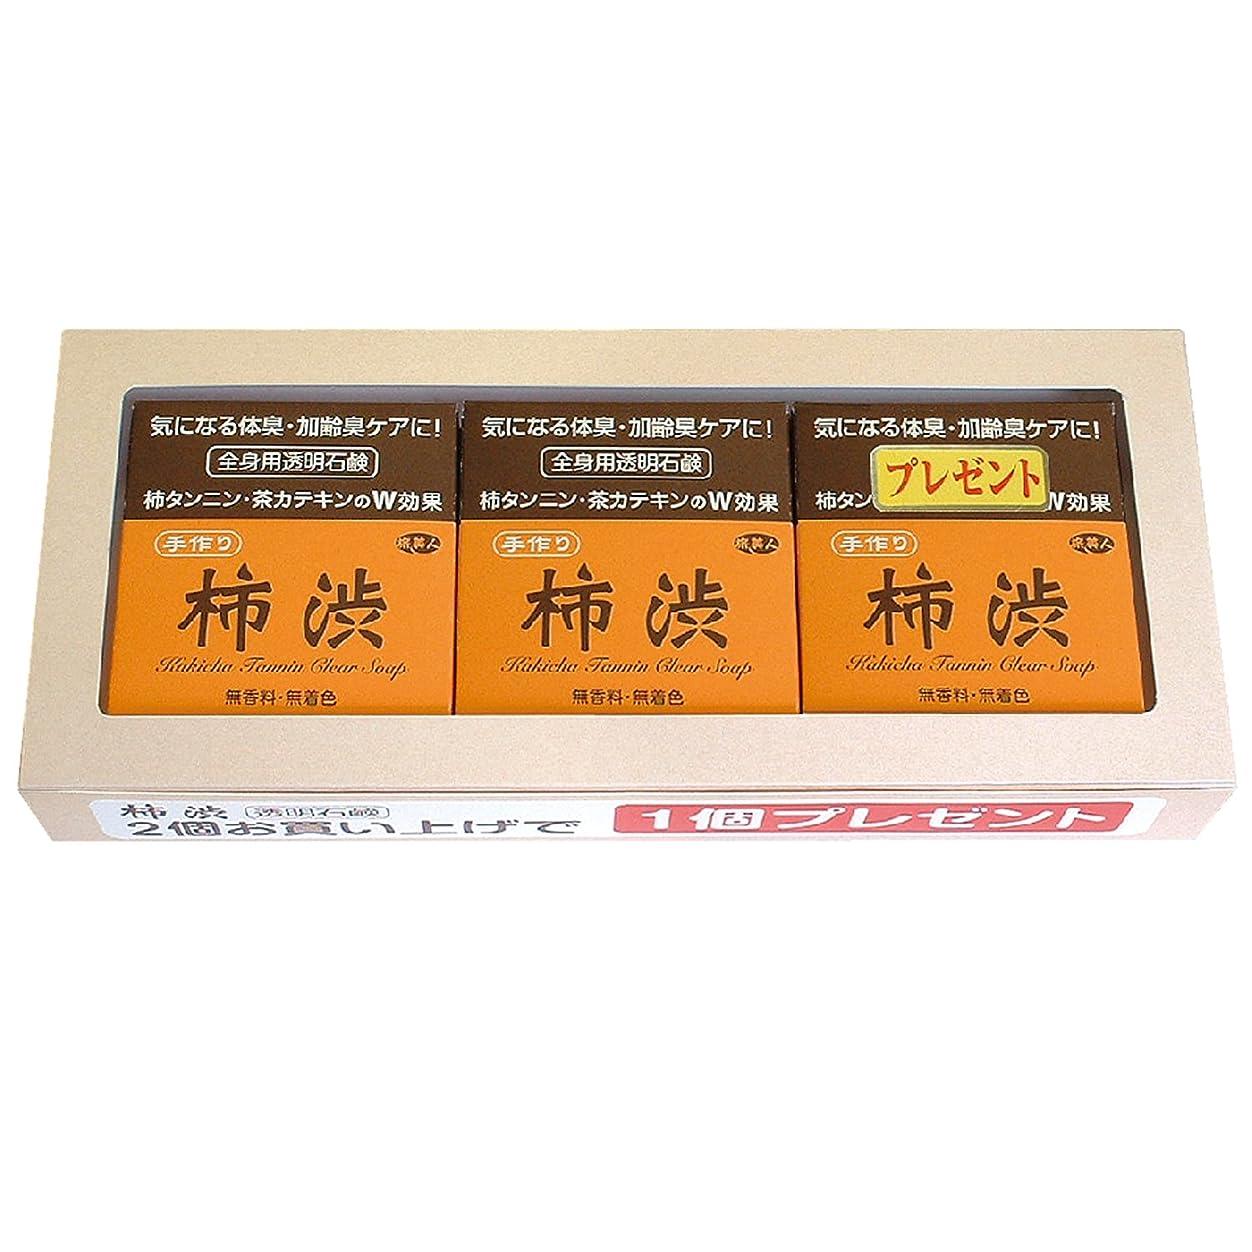 アンケート没頭する悲観主義者アズマ商事の 柿渋透明石鹸 2個の値段で3個入りセット